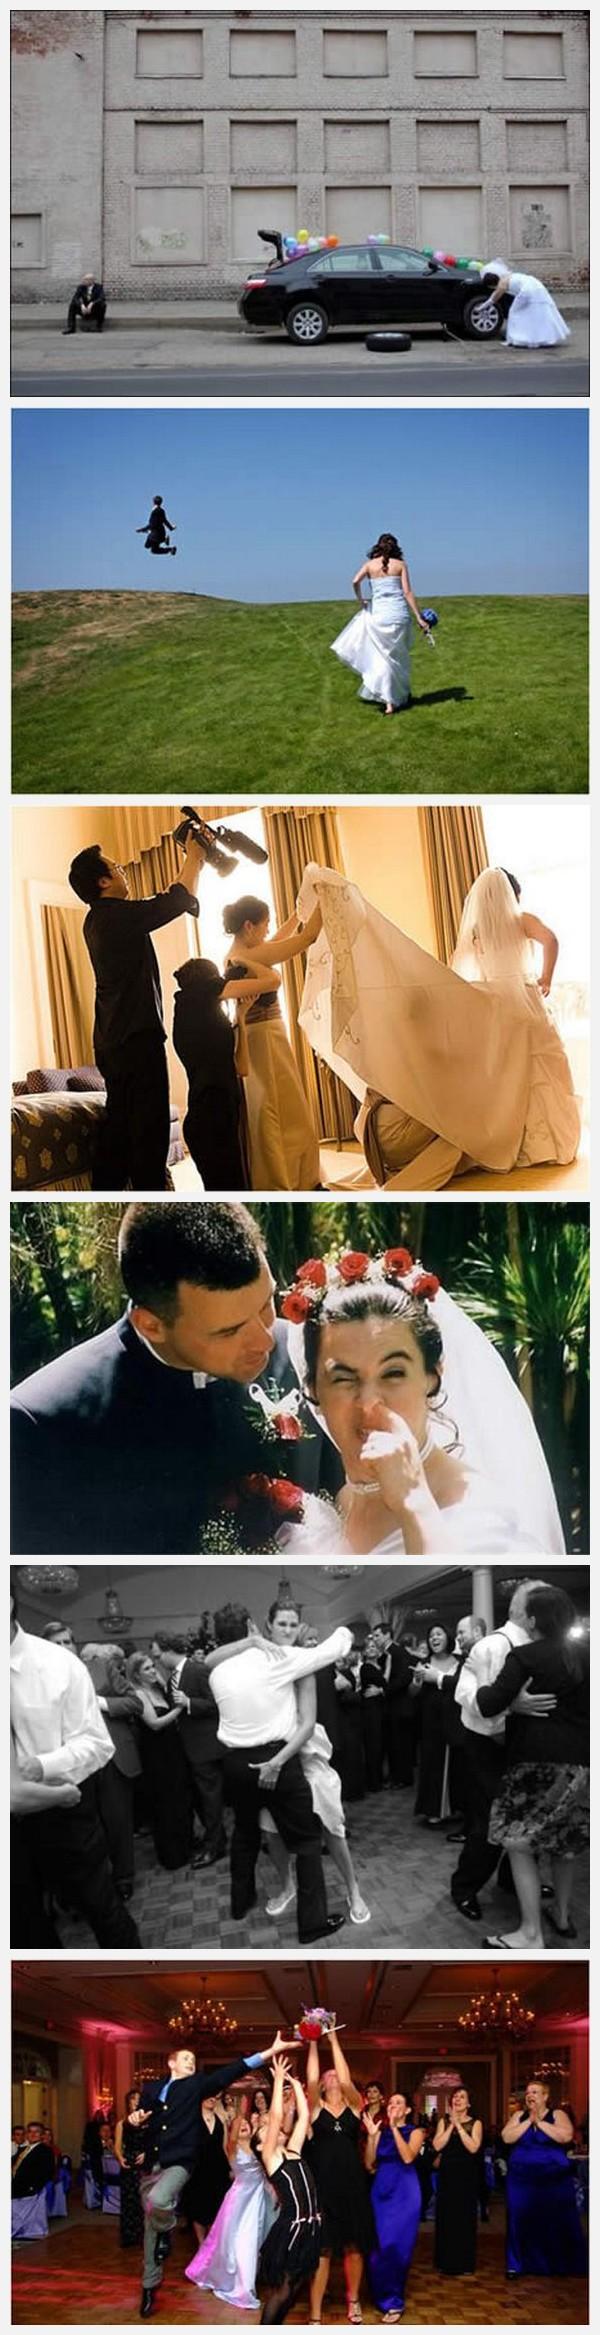 imagenes graciosas risa bodas recien casados humor